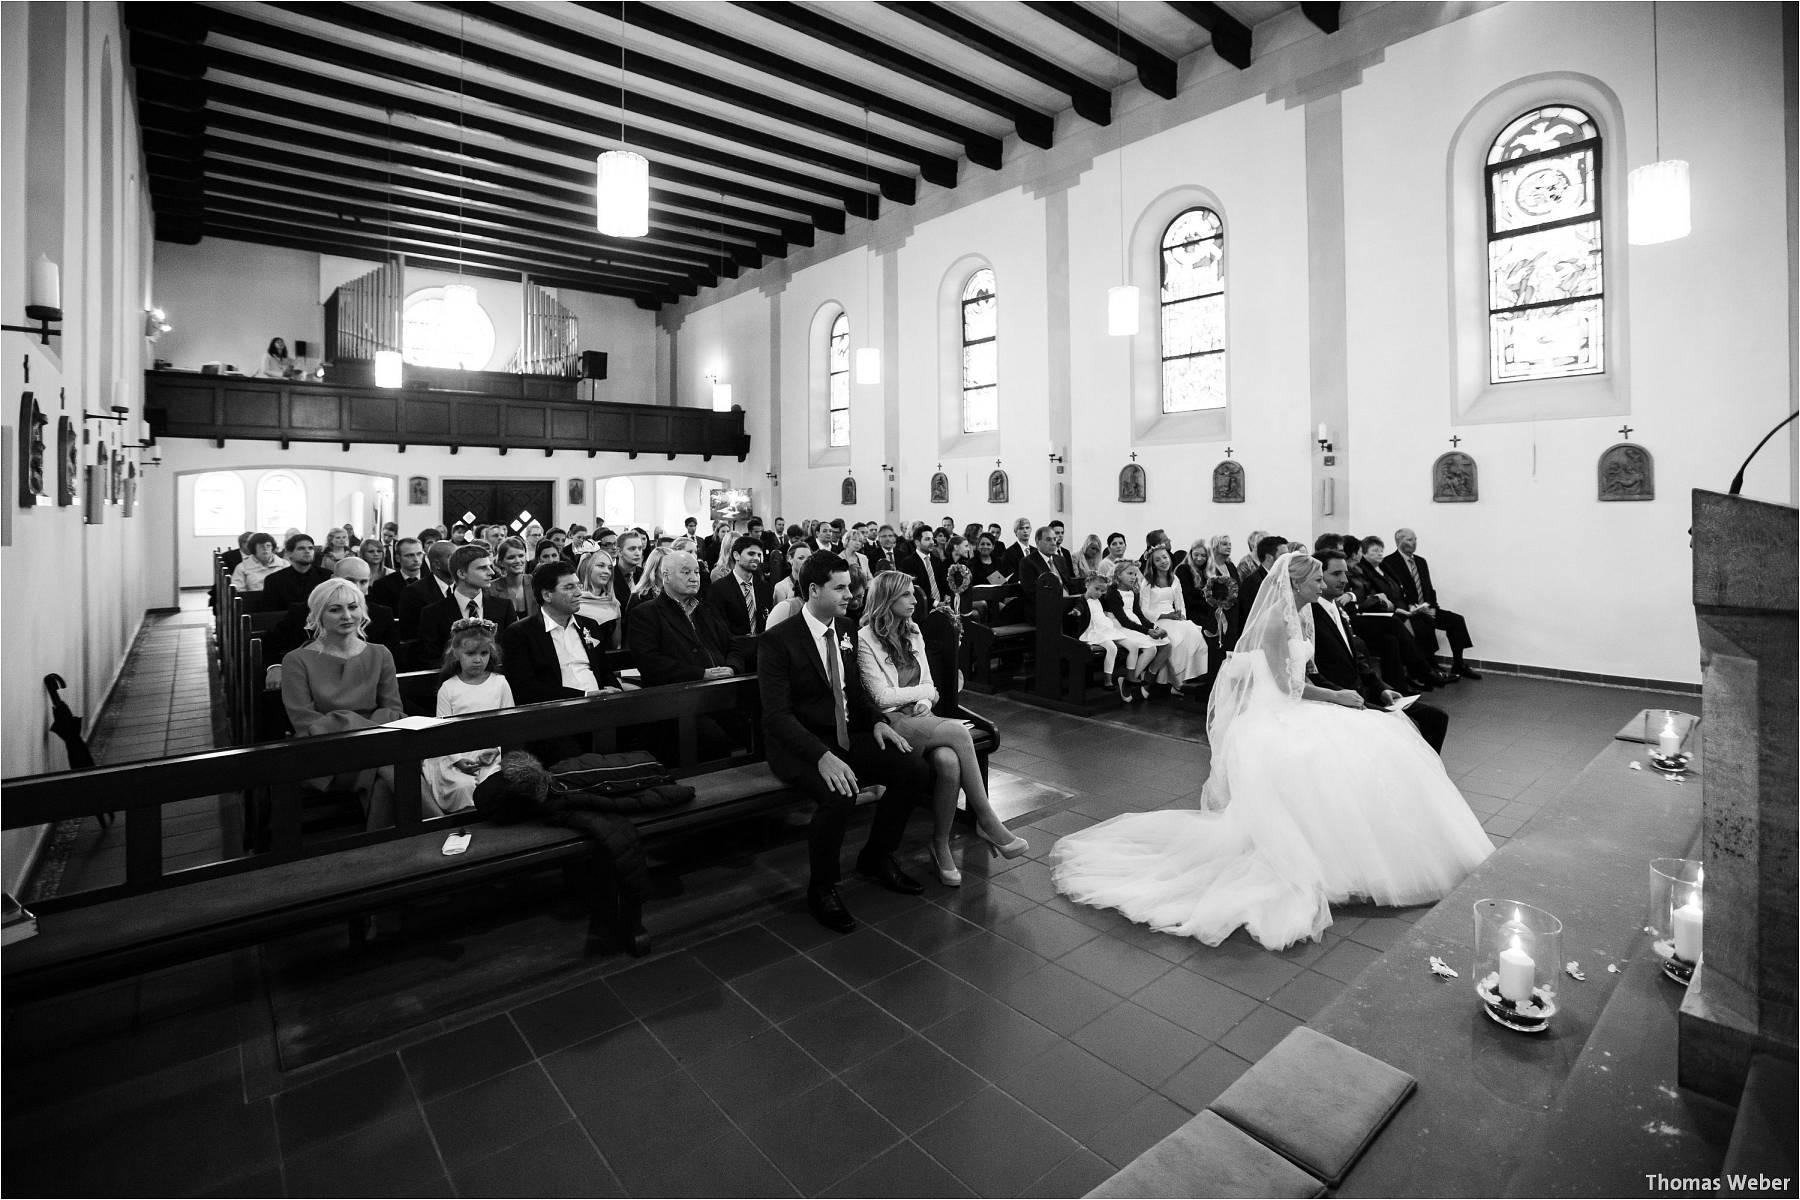 Hochzeitsfotograf Oldenburg: Hochzeit im Zollhaus und in der Eventscheune St. Georg in Rastede (13)